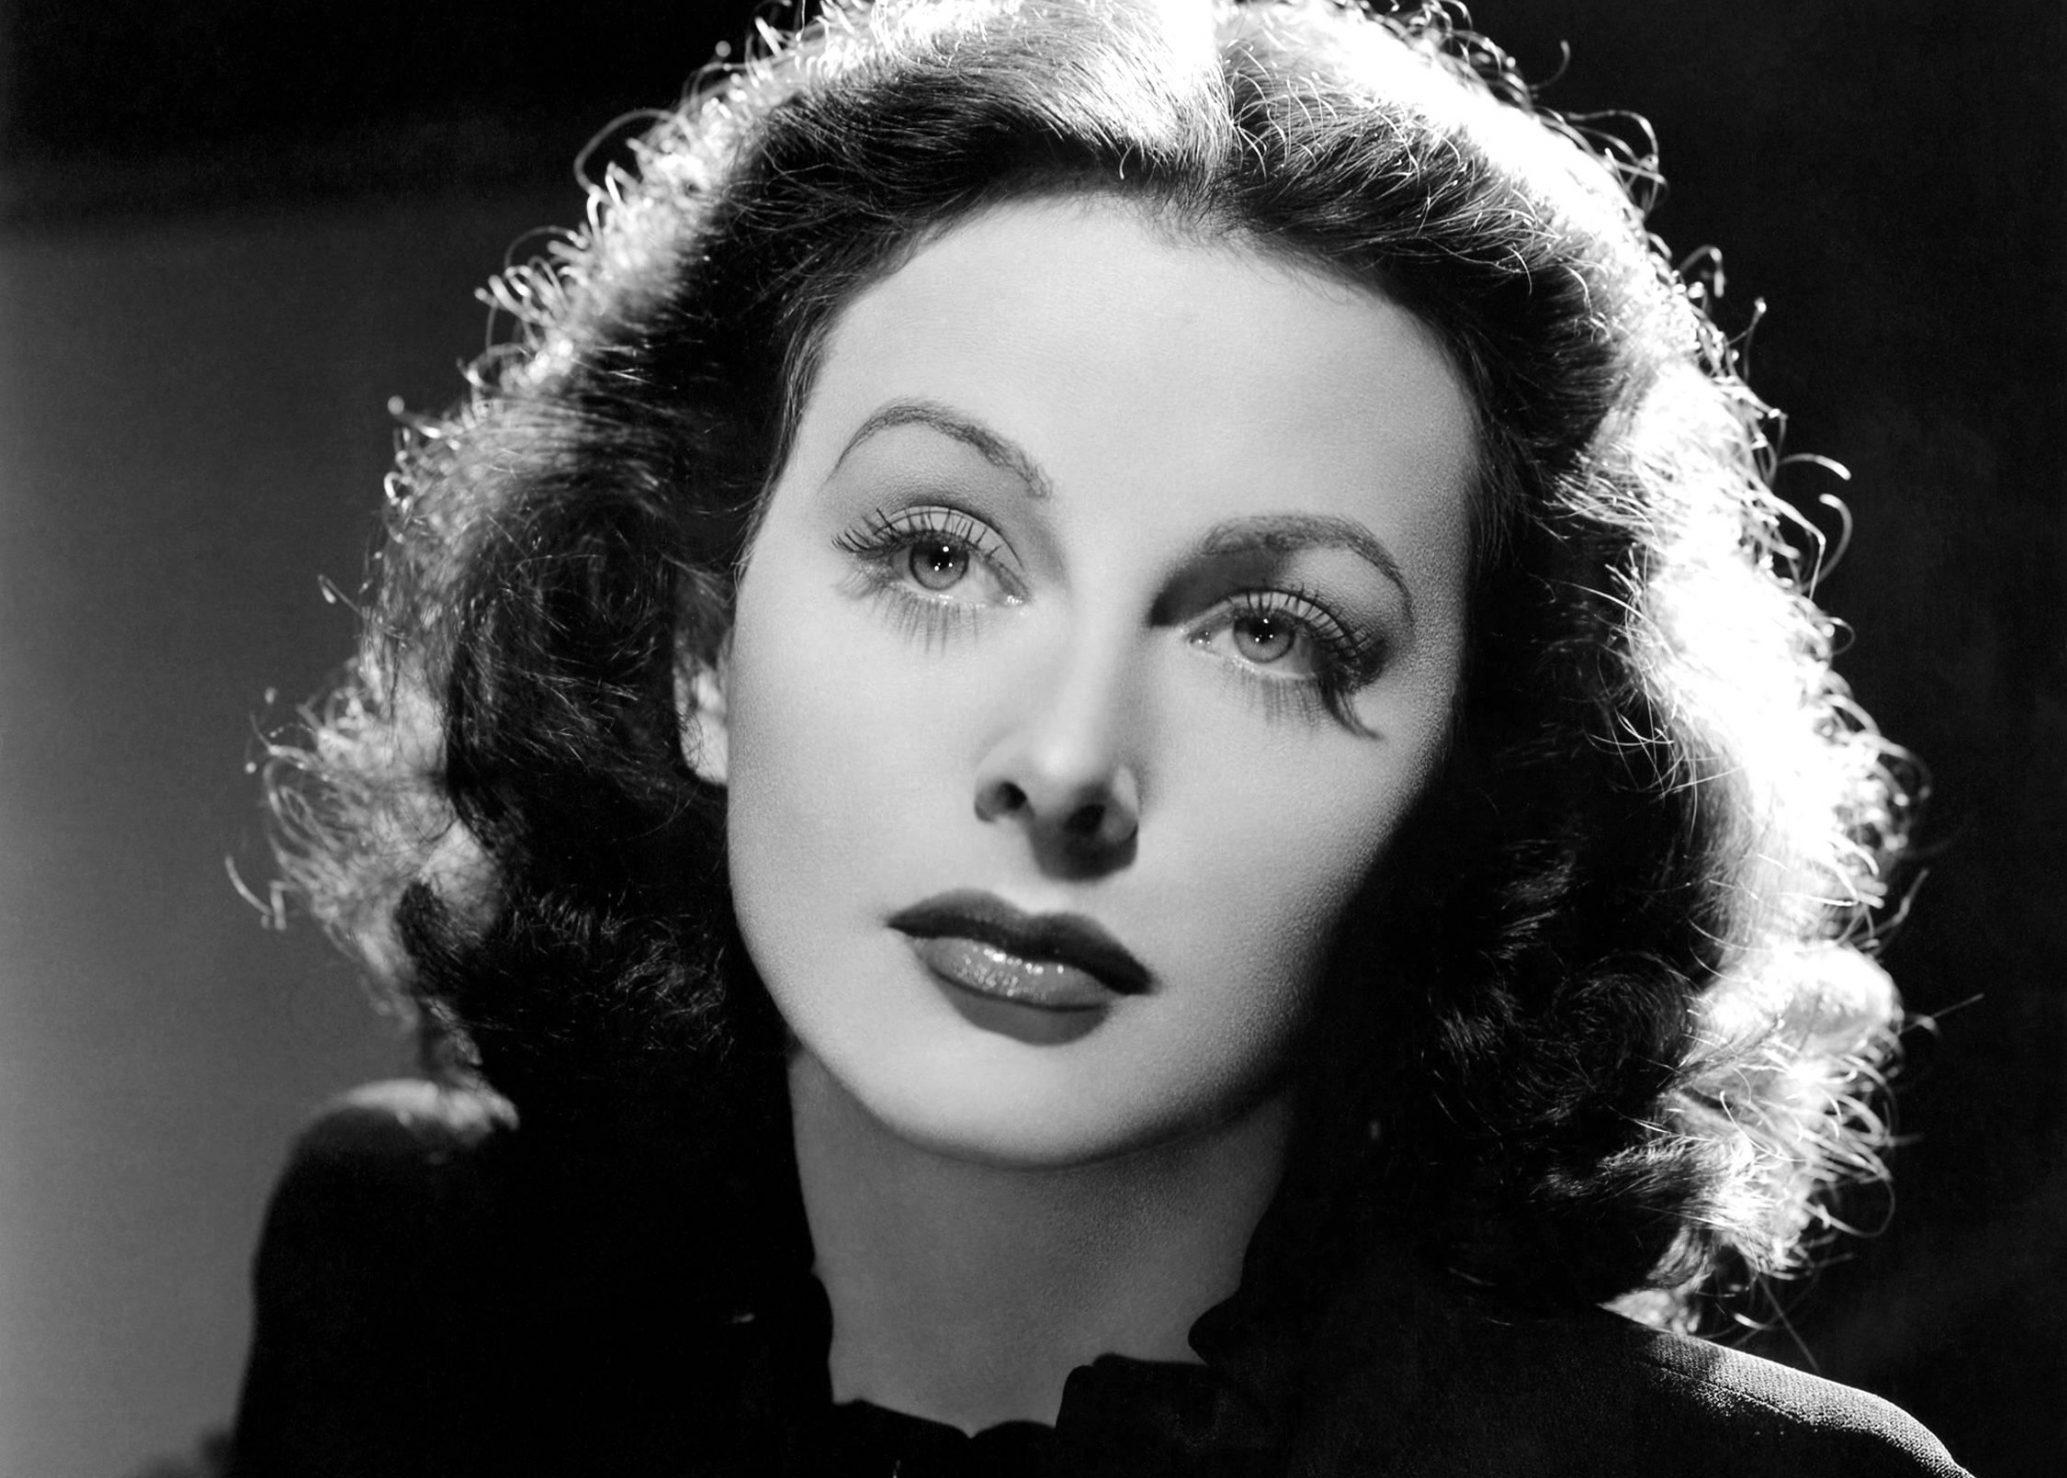 Hedy Lamarr, aki két orgazmus között feltalálta a wifit